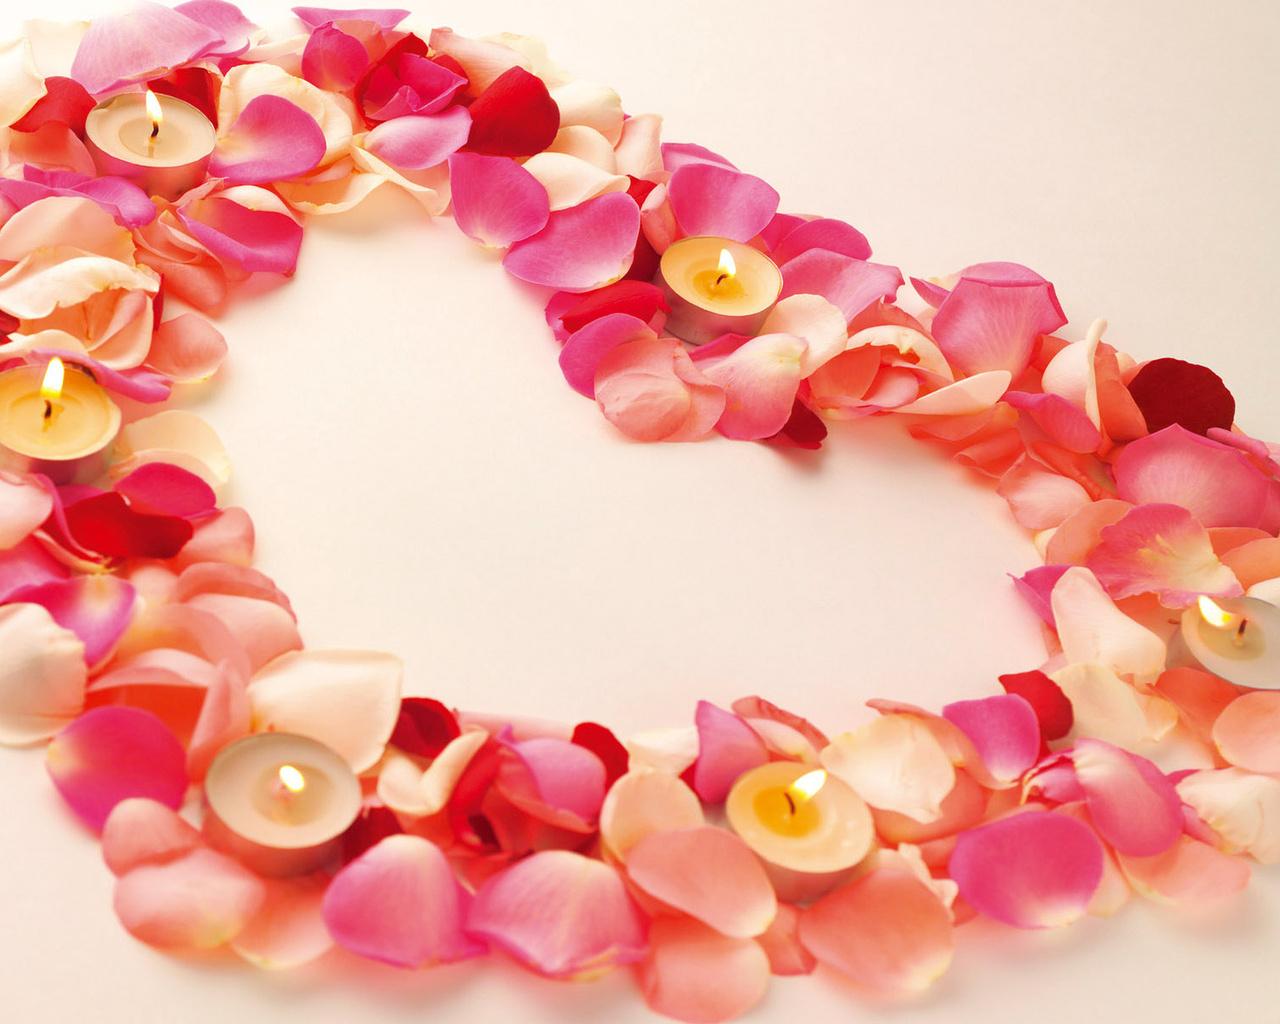 http://3.bp.blogspot.com/-G4Q3ISkOLAg/TViYkJqt2rI/AAAAAAAAAQ0/w86Iyh1rfrk/s1600/Valentines-Day-Wallpaper-08.jpg